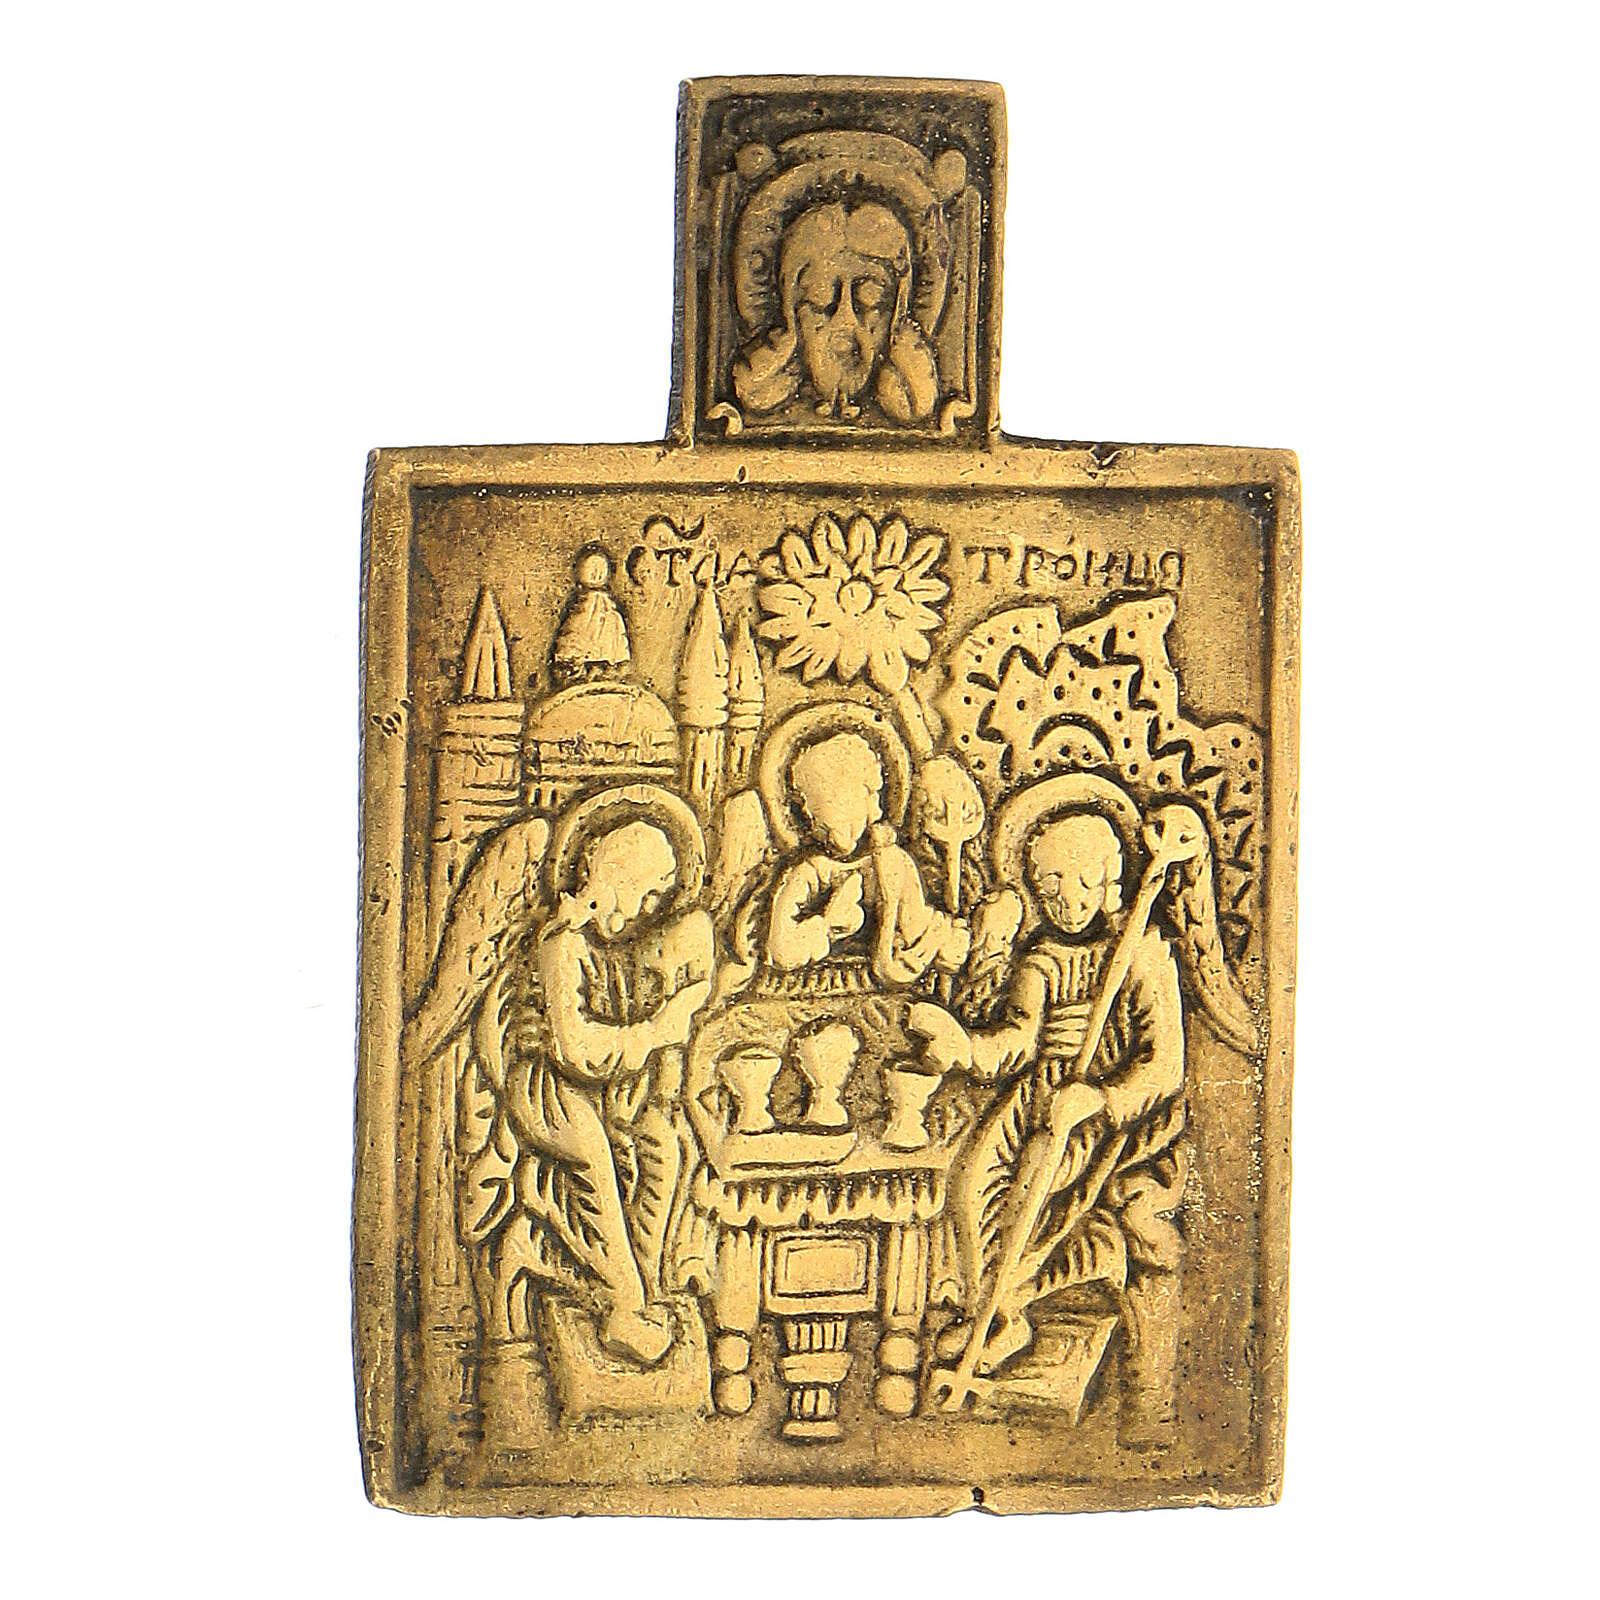 Trinità icona russa bronzo XVIII secolo 5x5 cm 4